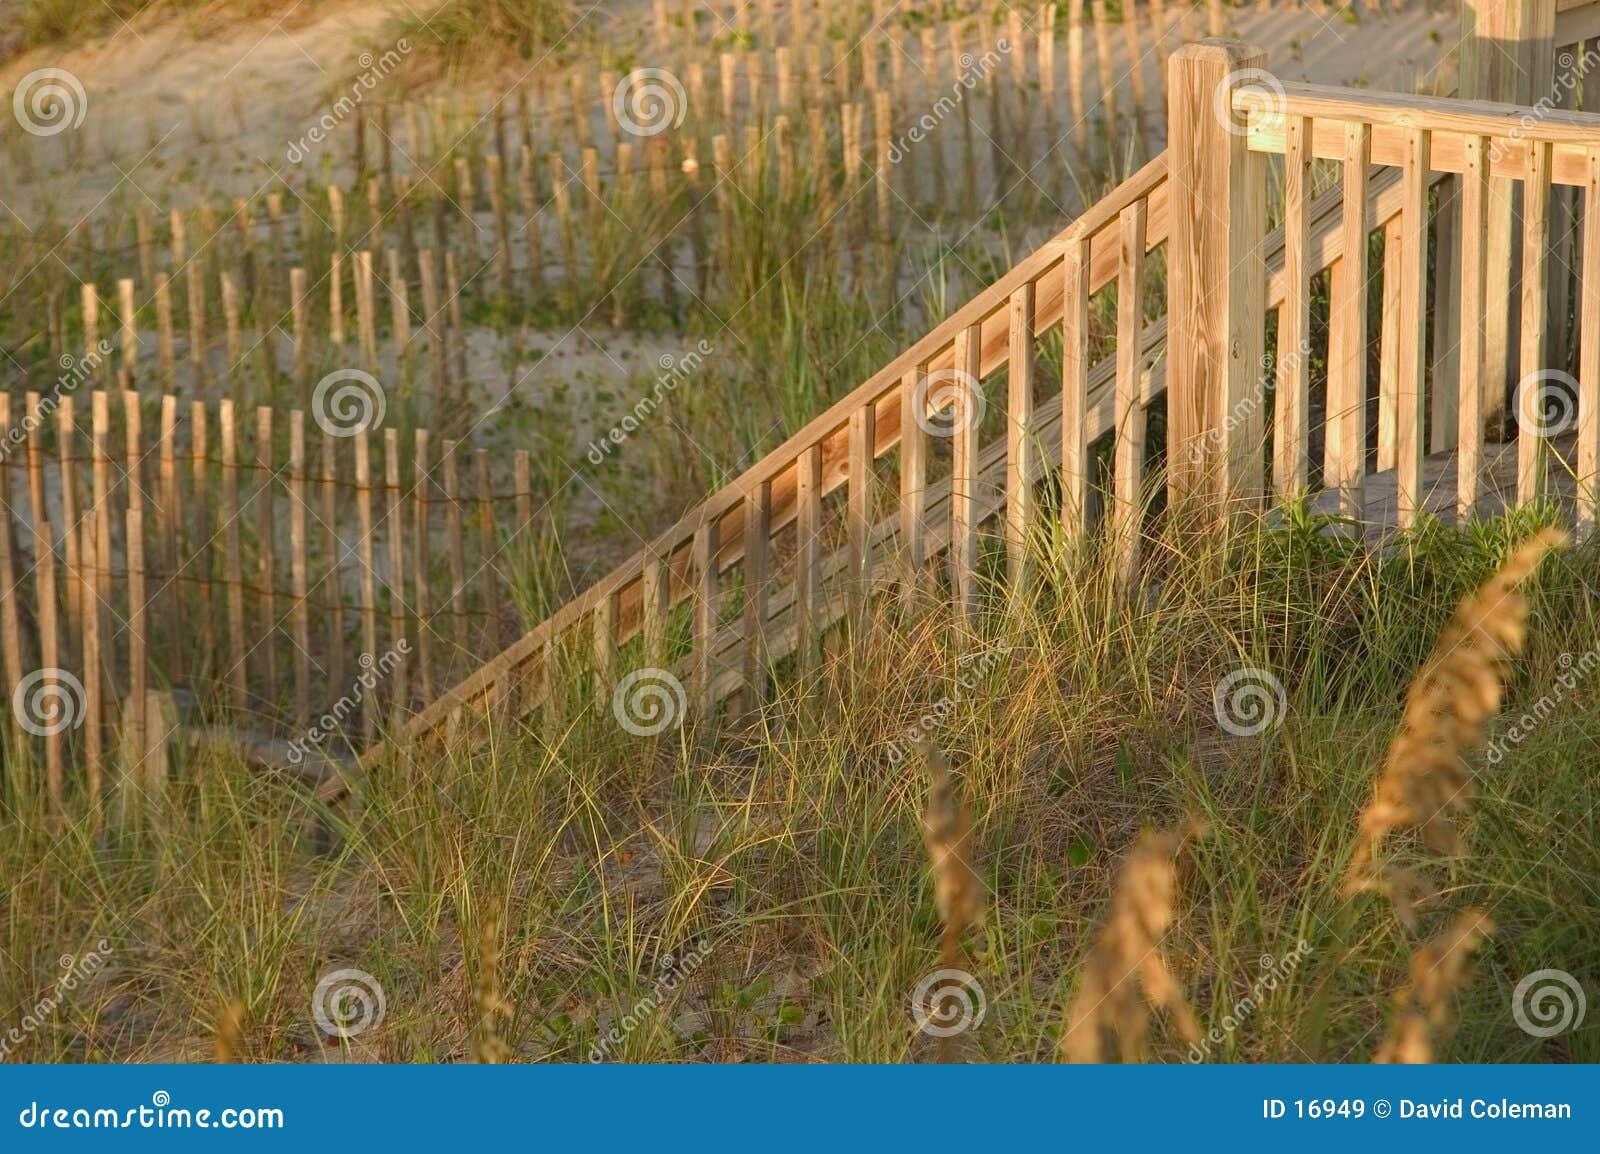 Ogrodzenie jest rajd schody